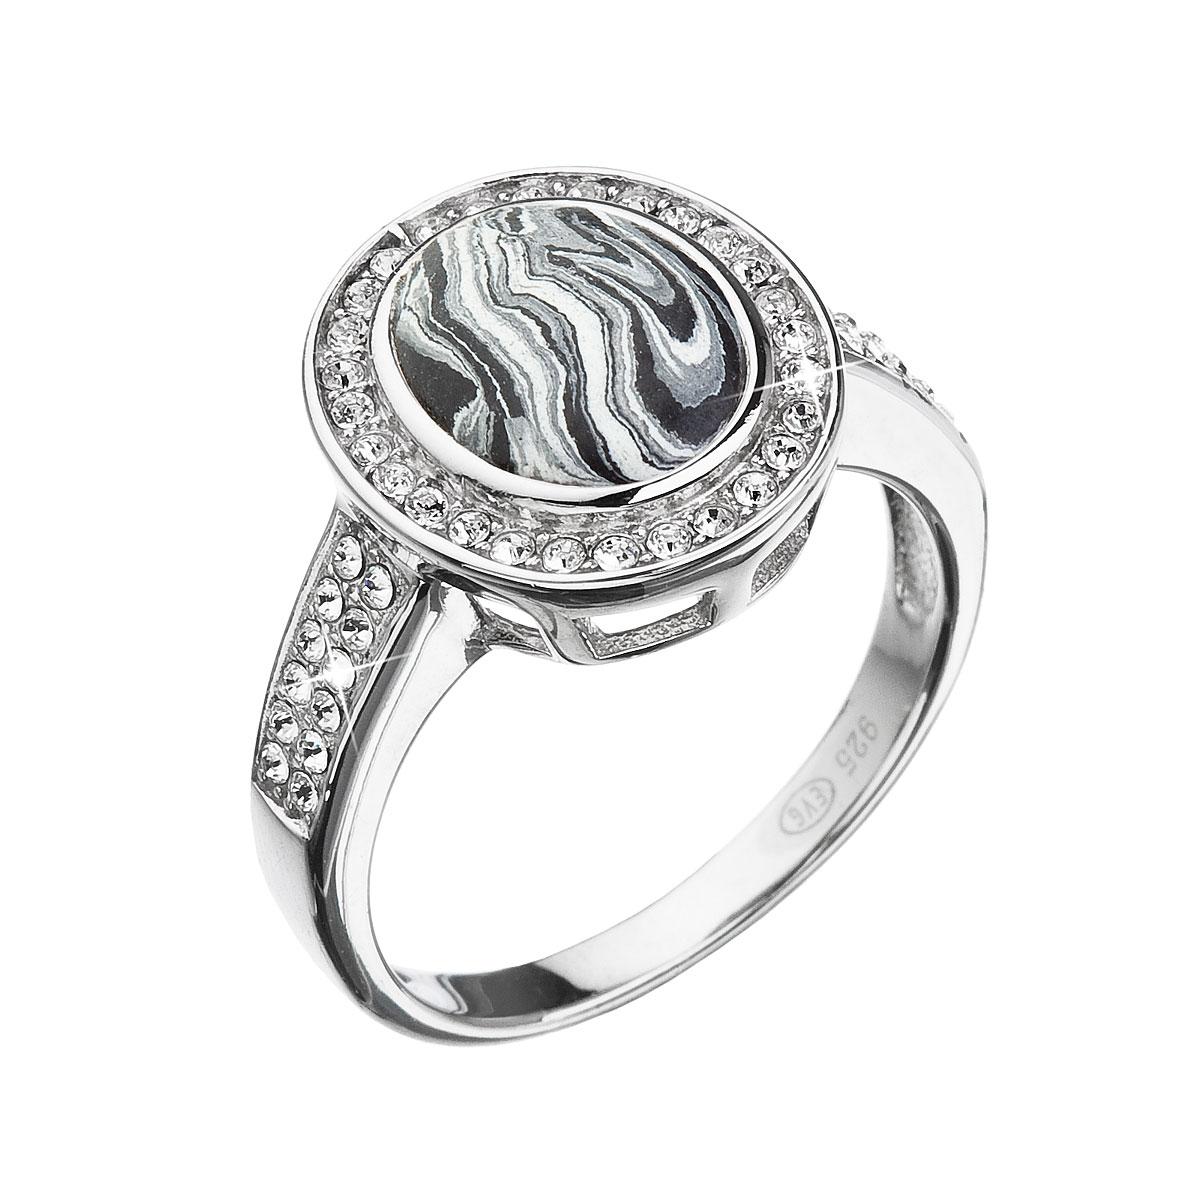 Strieborný prsteň ovál čiernobiely mramor sa Swarovski kryštály 75018.1